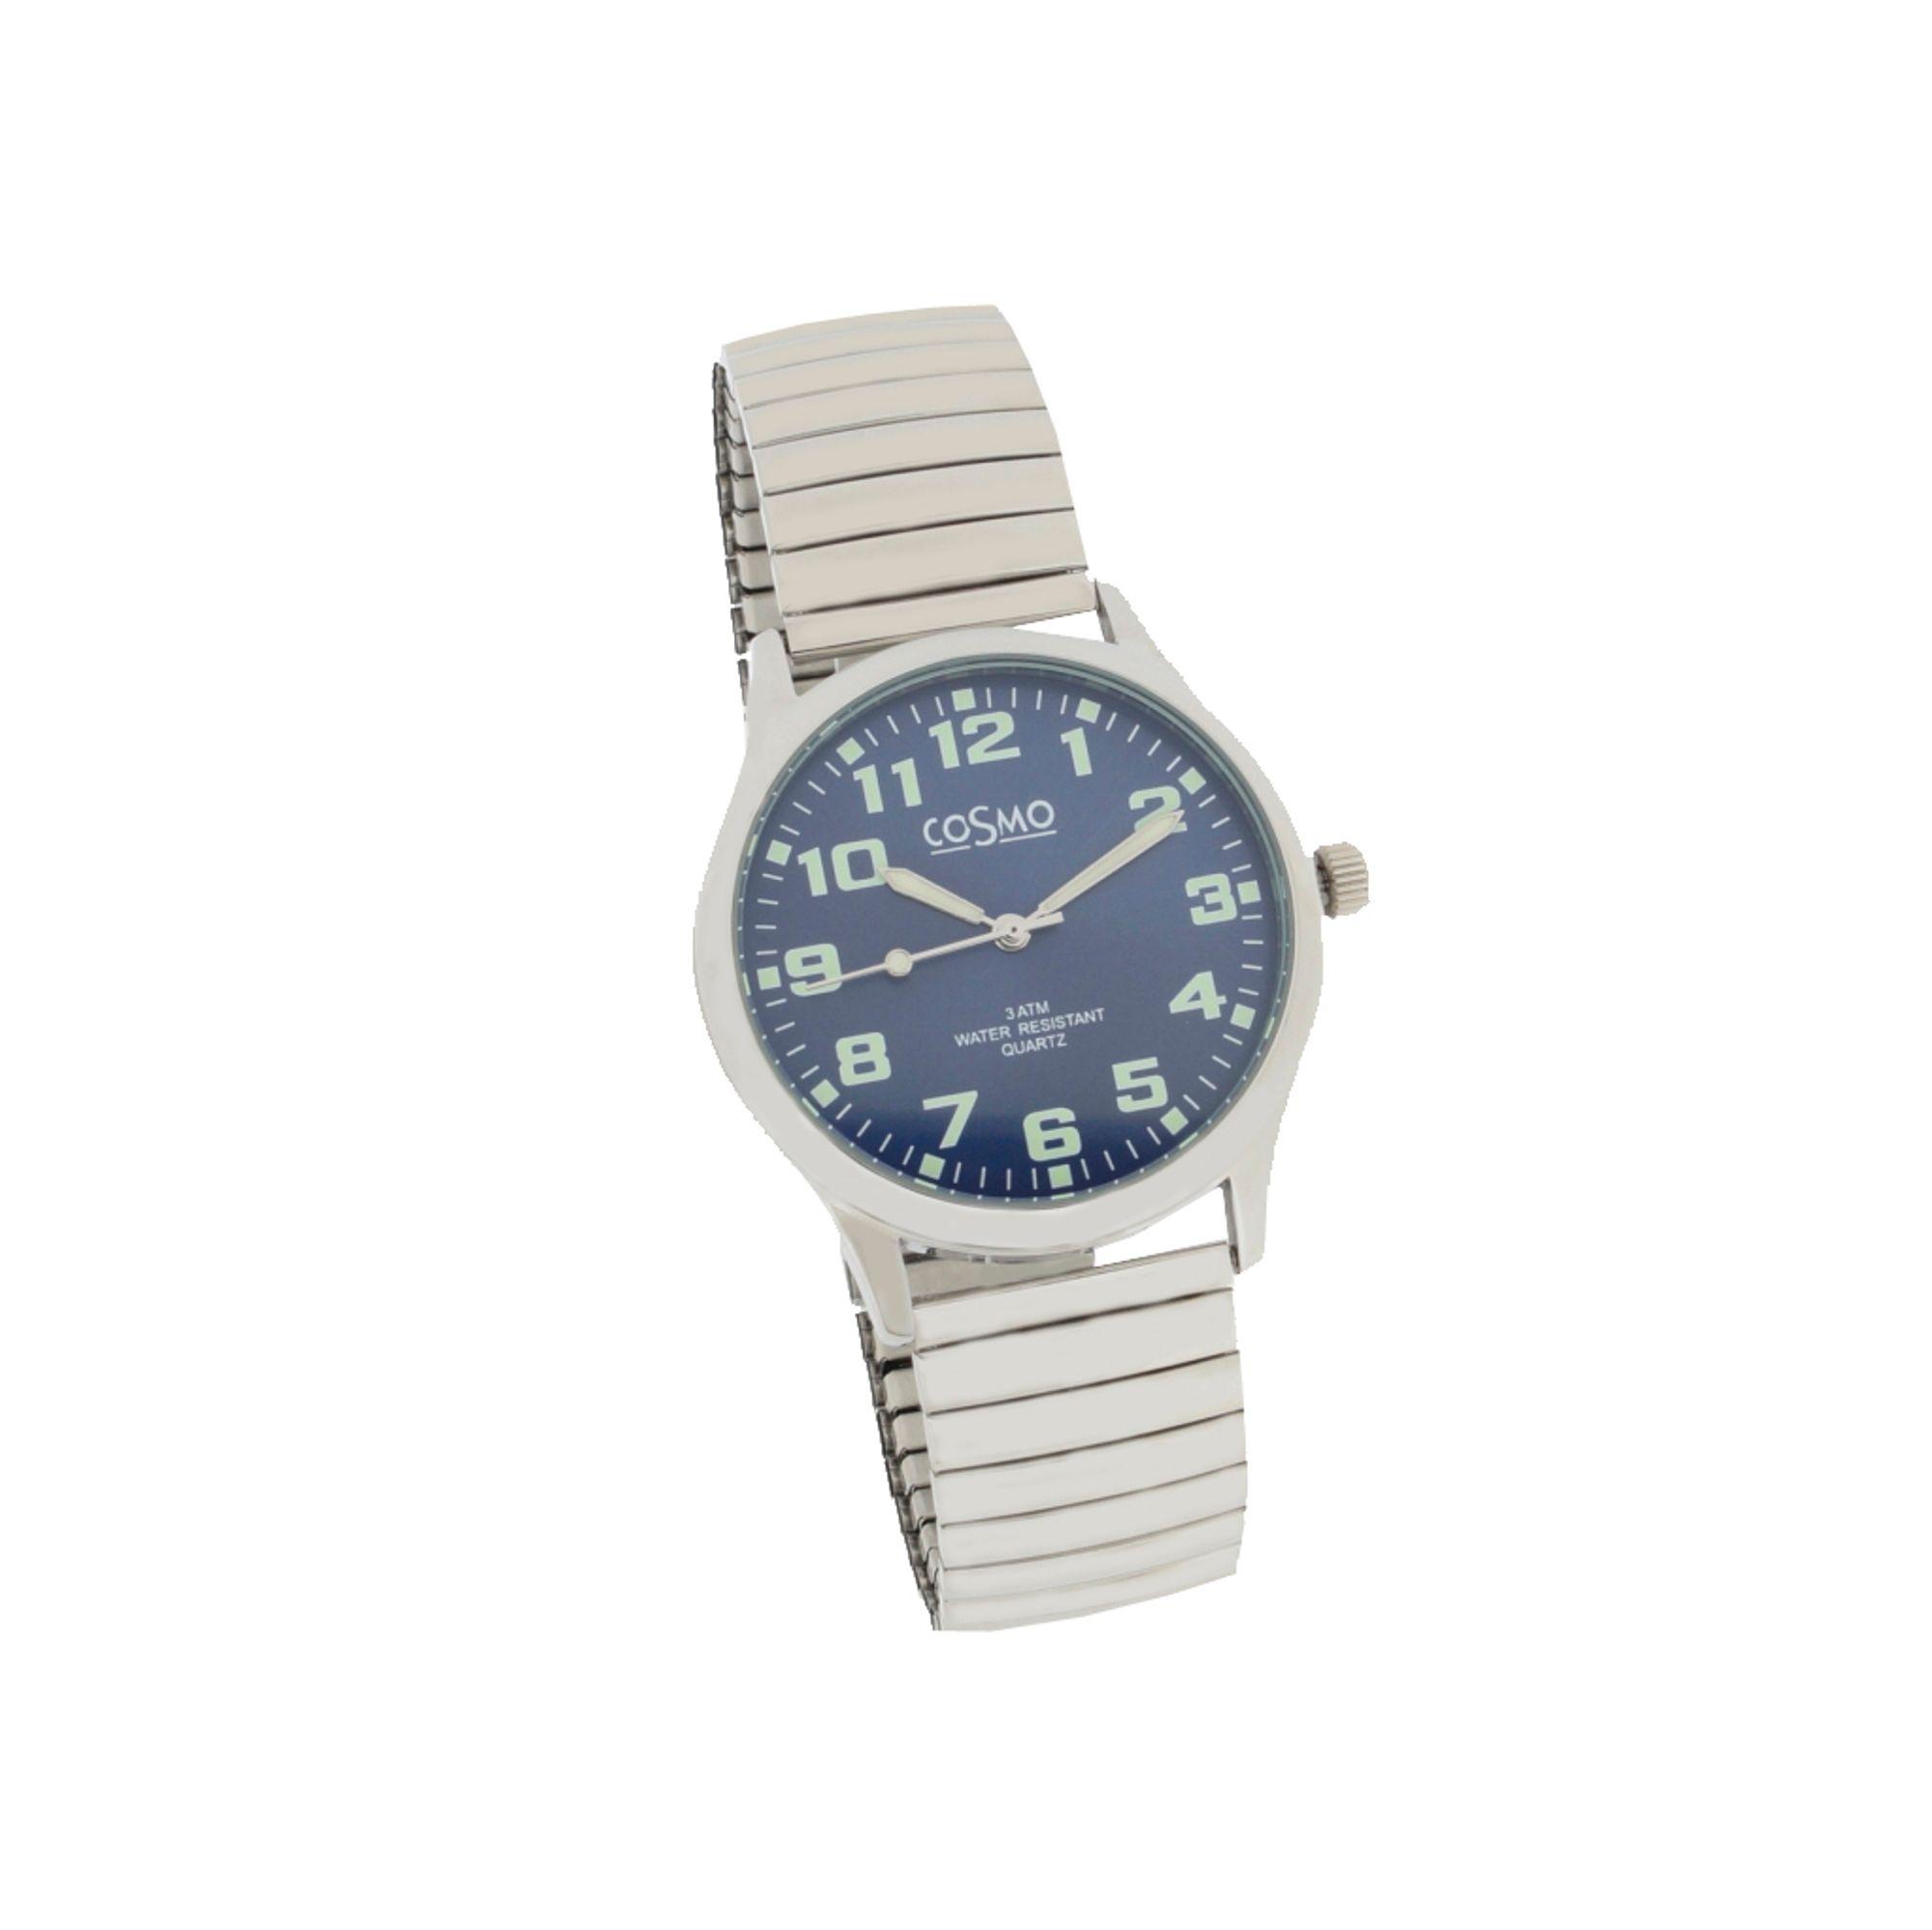 Cosmo 281116-ZB-ZI-blau Uhr Herrenuhr Zugband silber